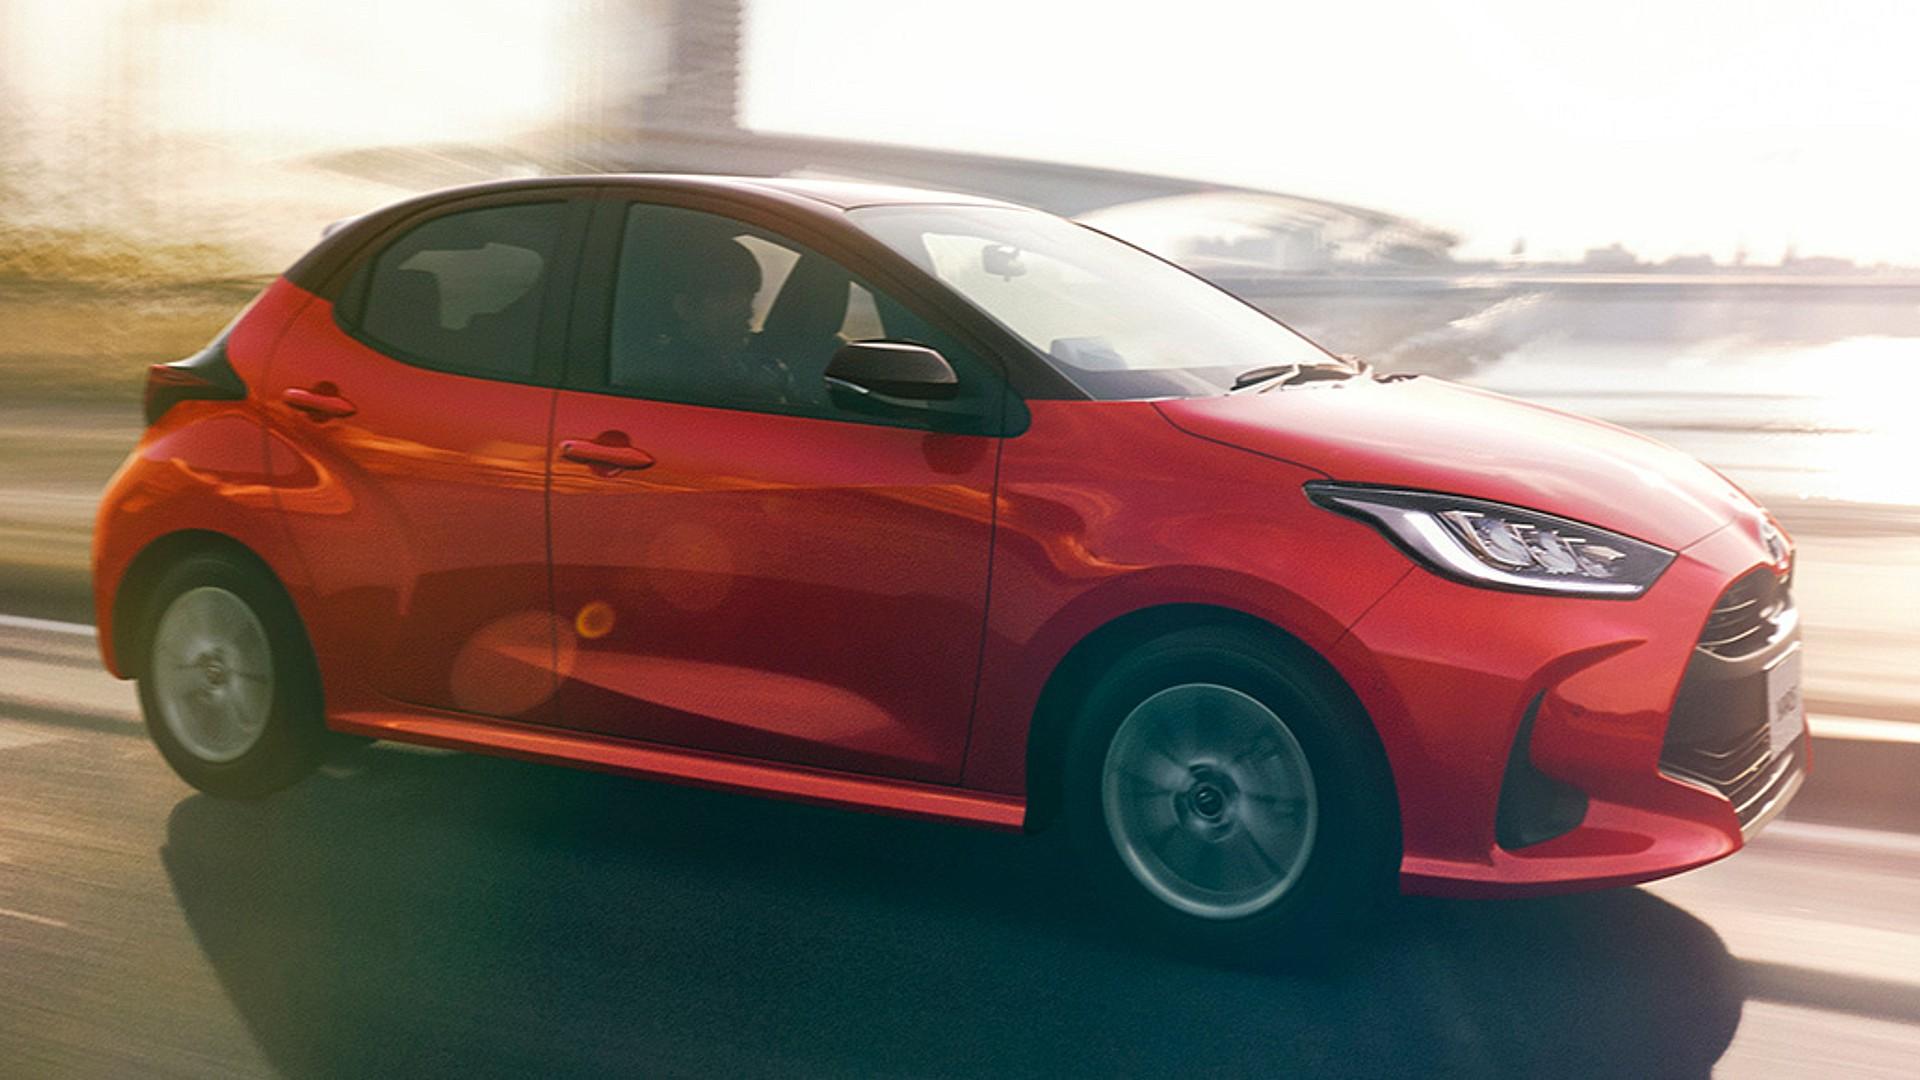 Πόσο θα κοστίζει η βασική έκδοση του νέου Toyota Yaris στην Ελλάδα;